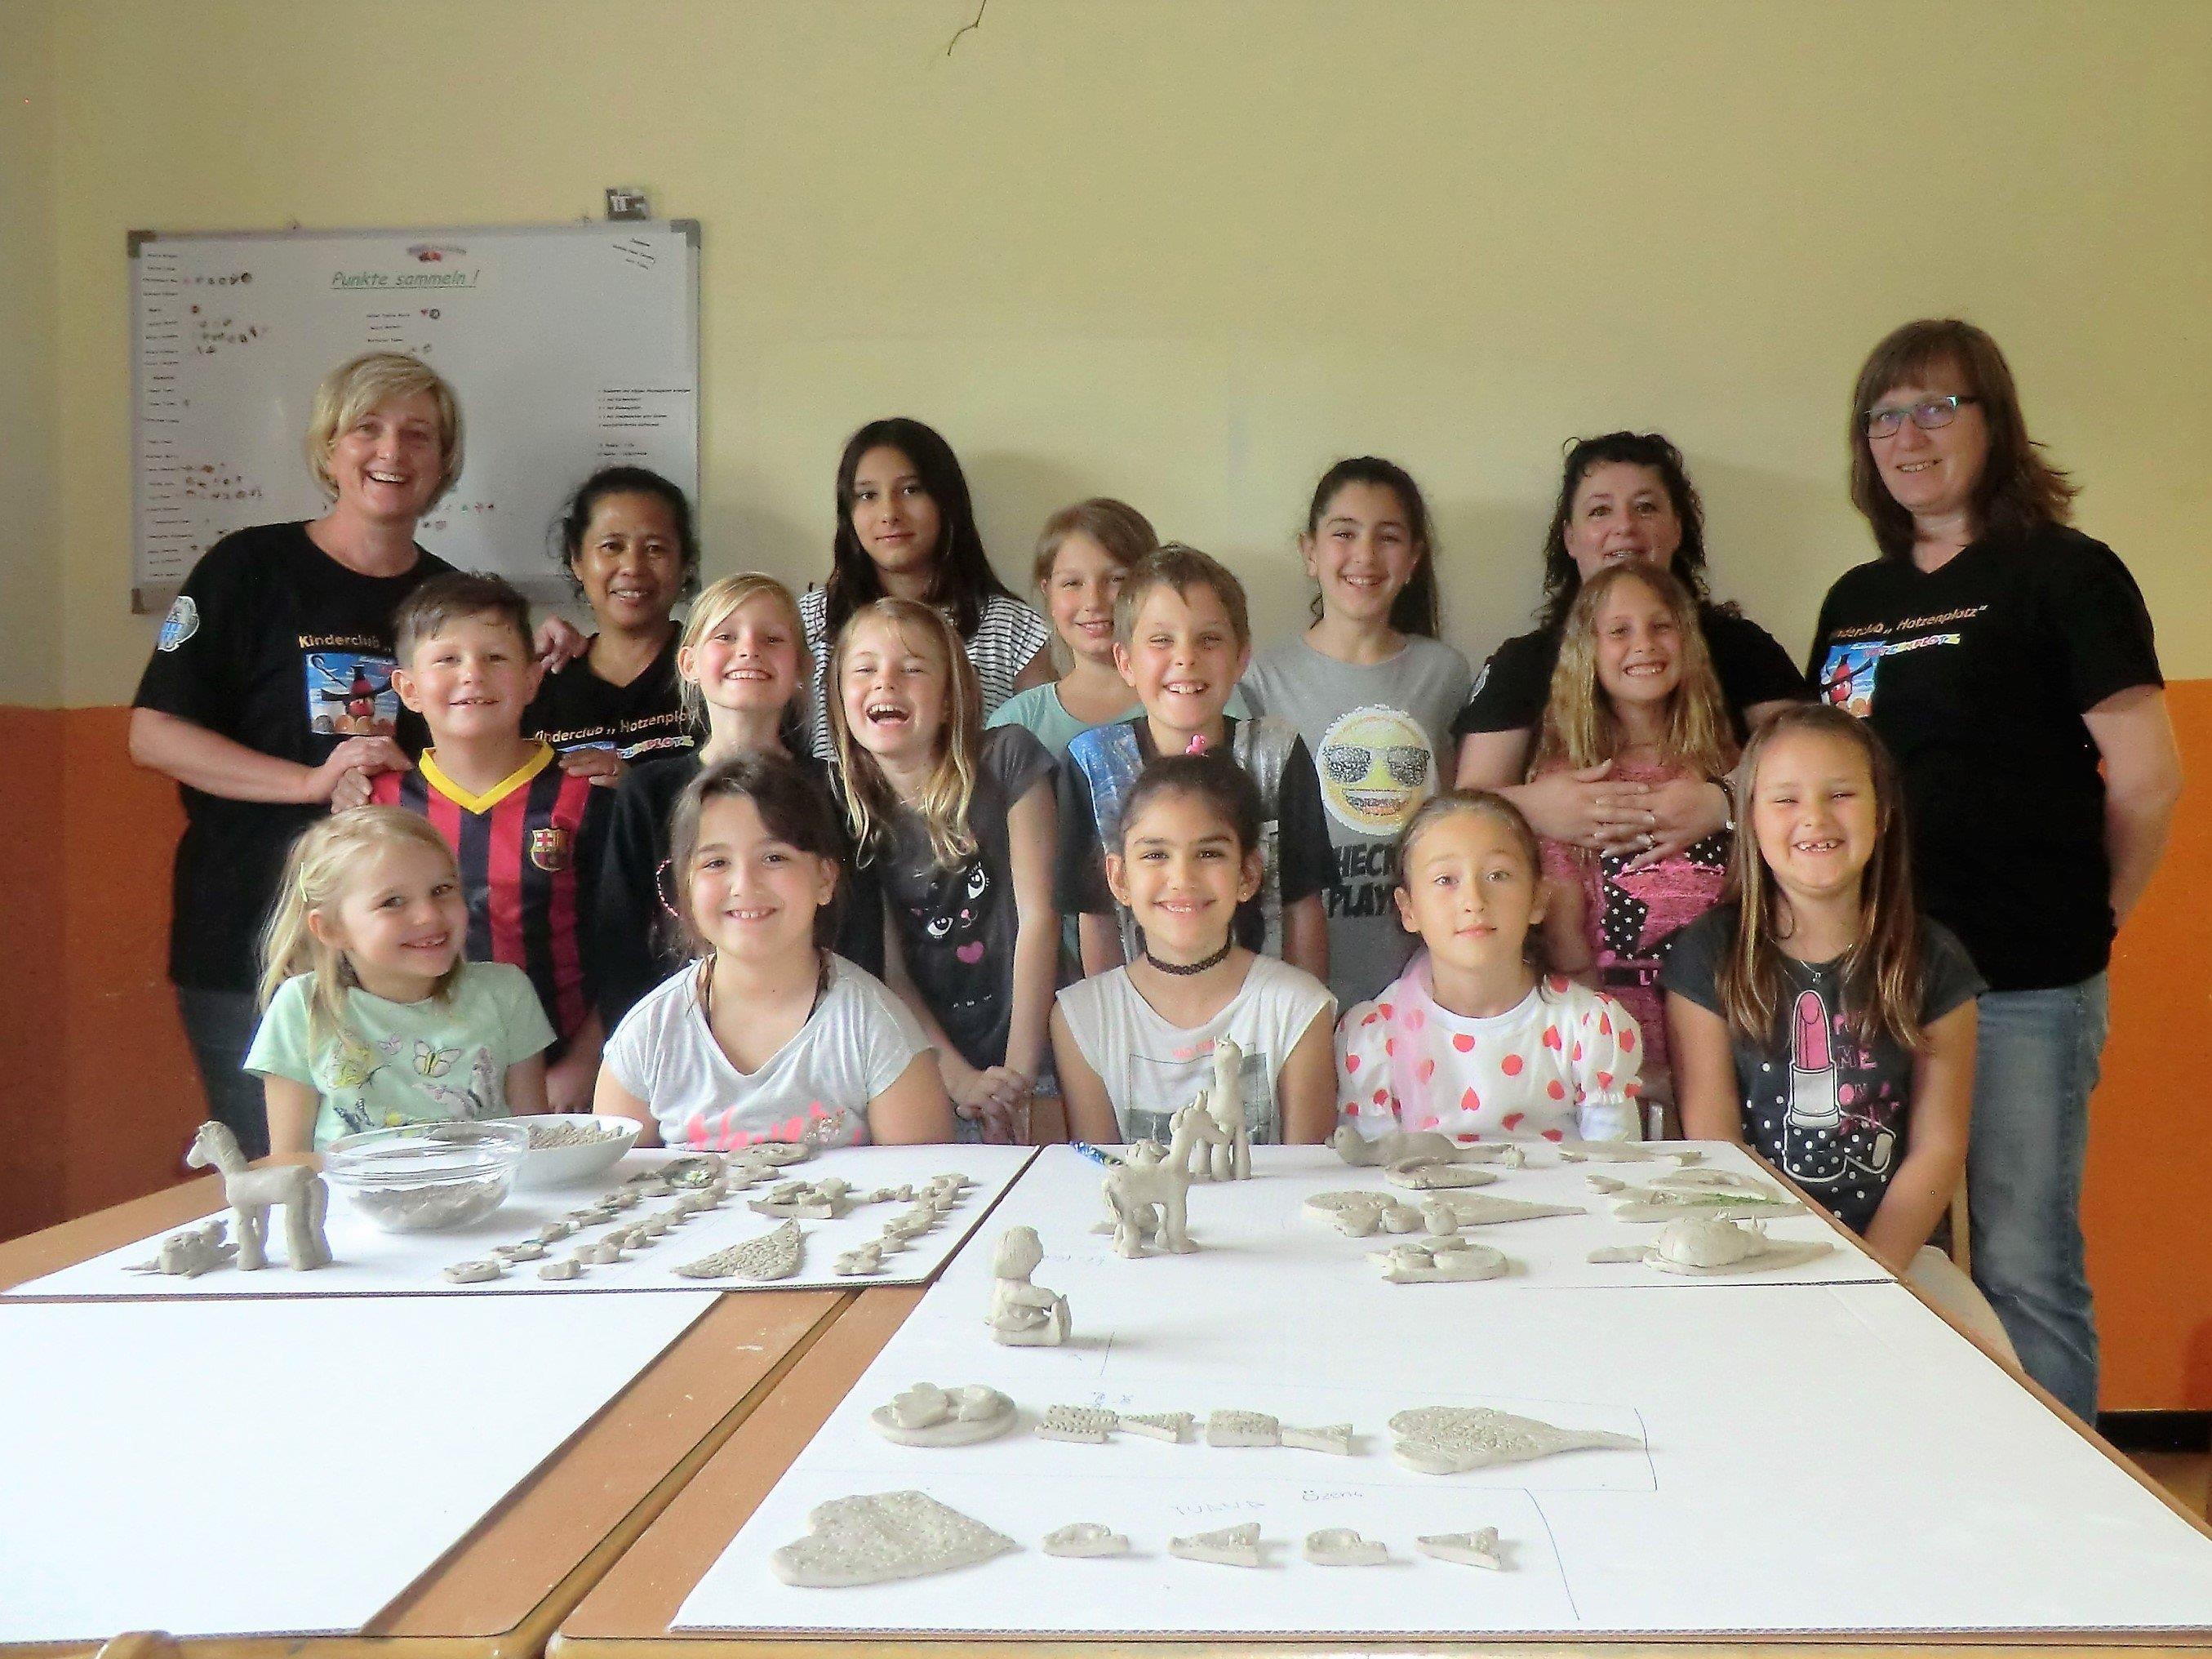 Die Teilnehmer mit ihren wunderschönen Werken